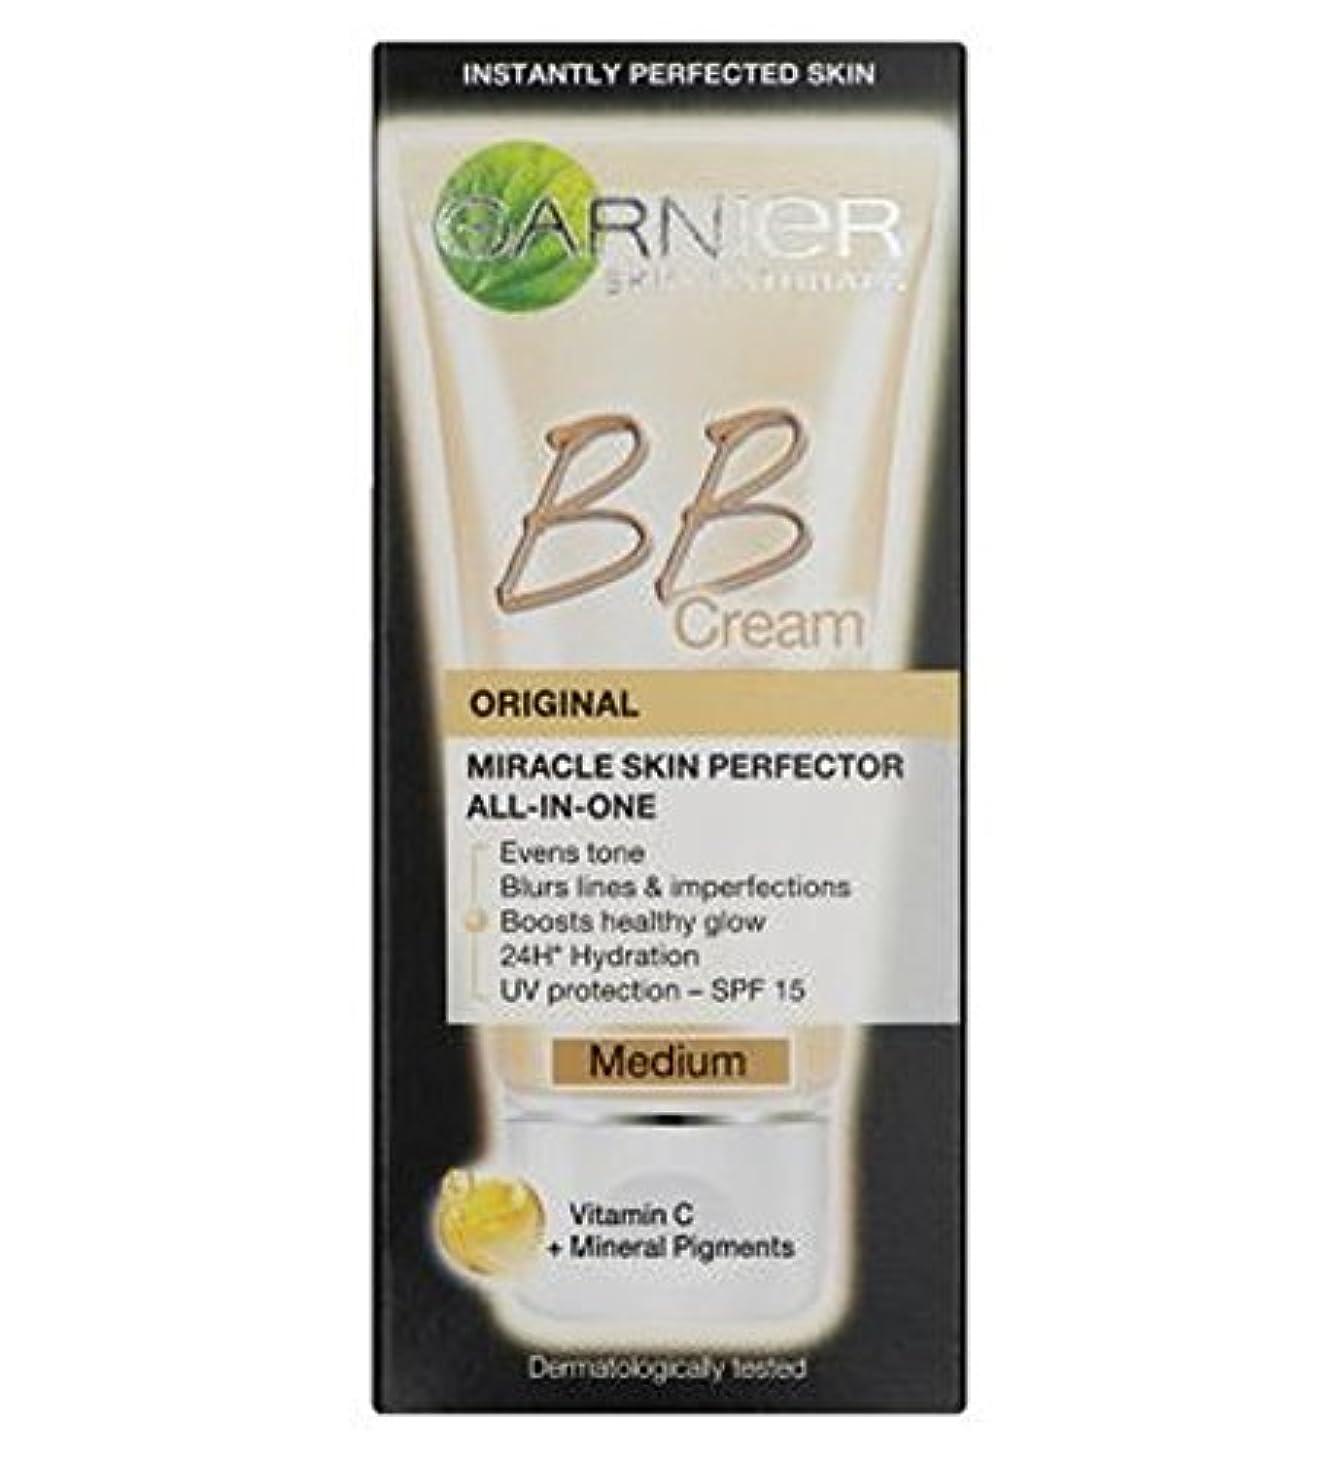 毎日オールインワンB.B.ガルニエスキンパーフェク傷バームクリーム培地50ミリリットル (Garnier) (x2) - Garnier Skin Perfector Daily All-In-One B.B. Blemish Balm Cream Medium 50ml (Pack of 2) [並行輸入品]